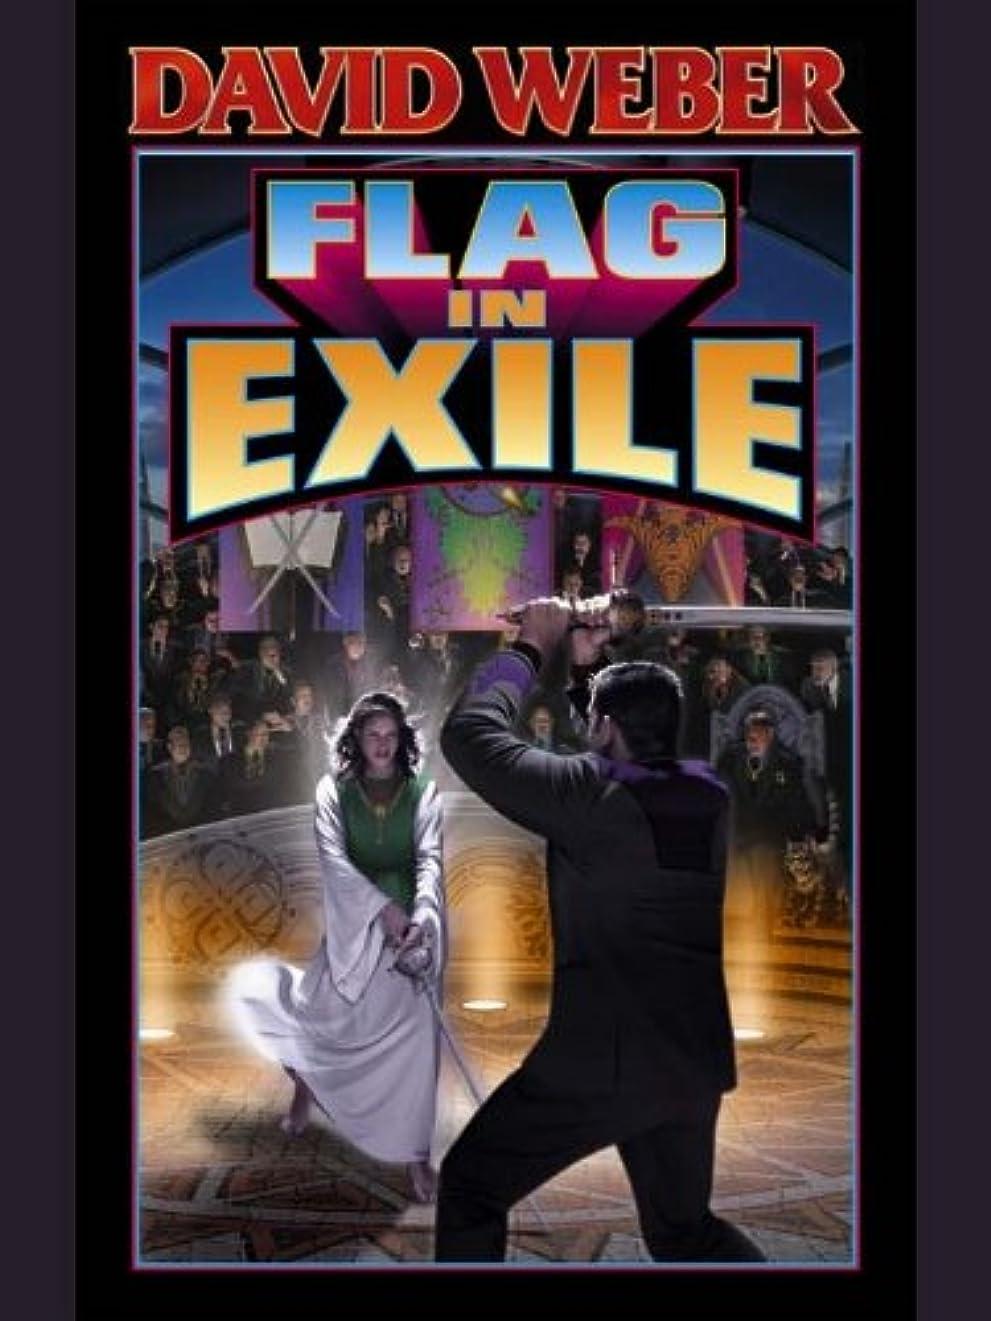 船上反射緊張するFlag in Exile (Honor Harrington Book 5) (English Edition)